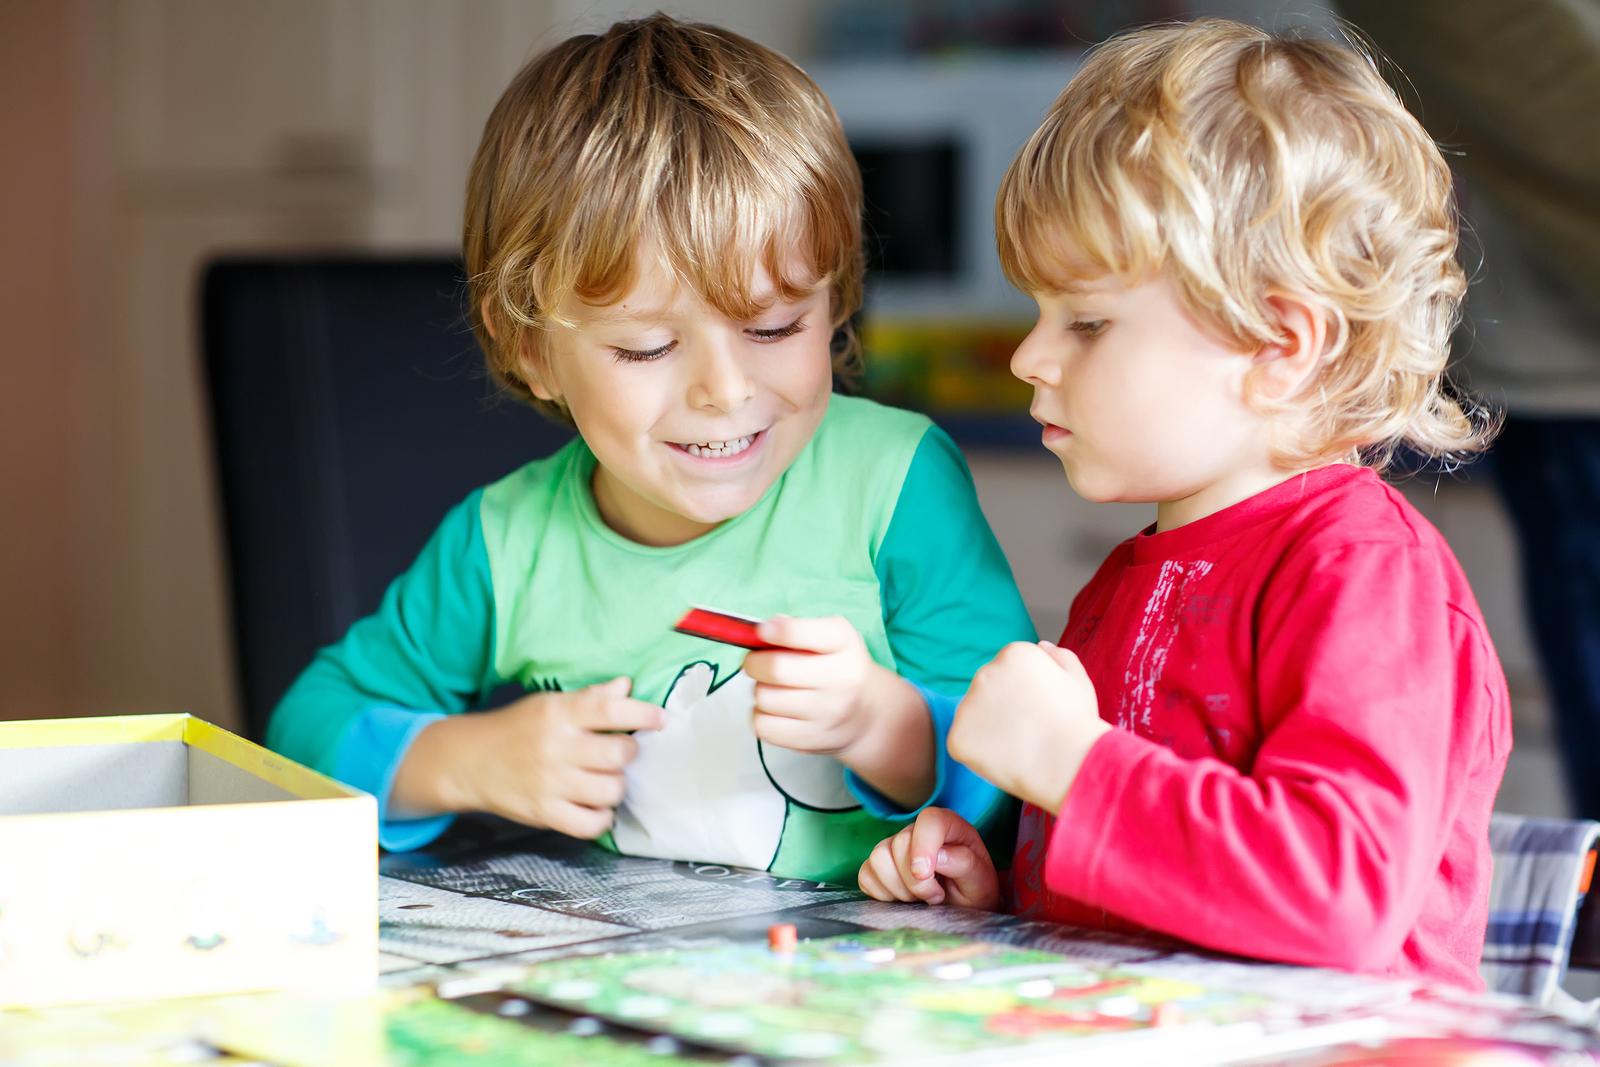 Geschwisterkinder spielen miteinander